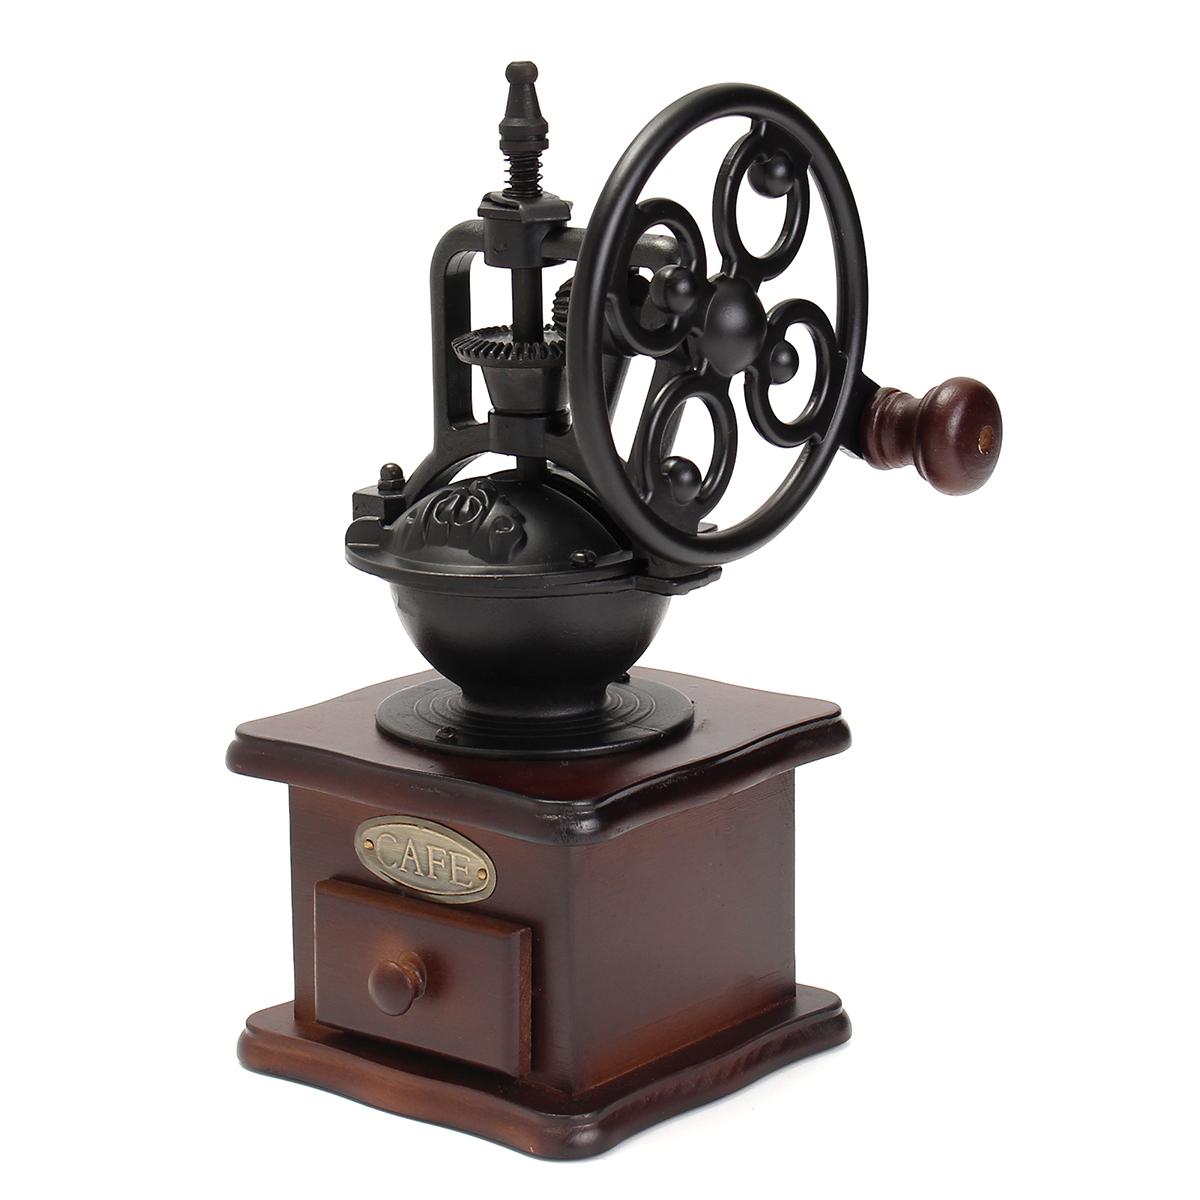 vintage moulin broyeur caf expresso cafeti re machine manuel en bois fer achat vente. Black Bedroom Furniture Sets. Home Design Ideas